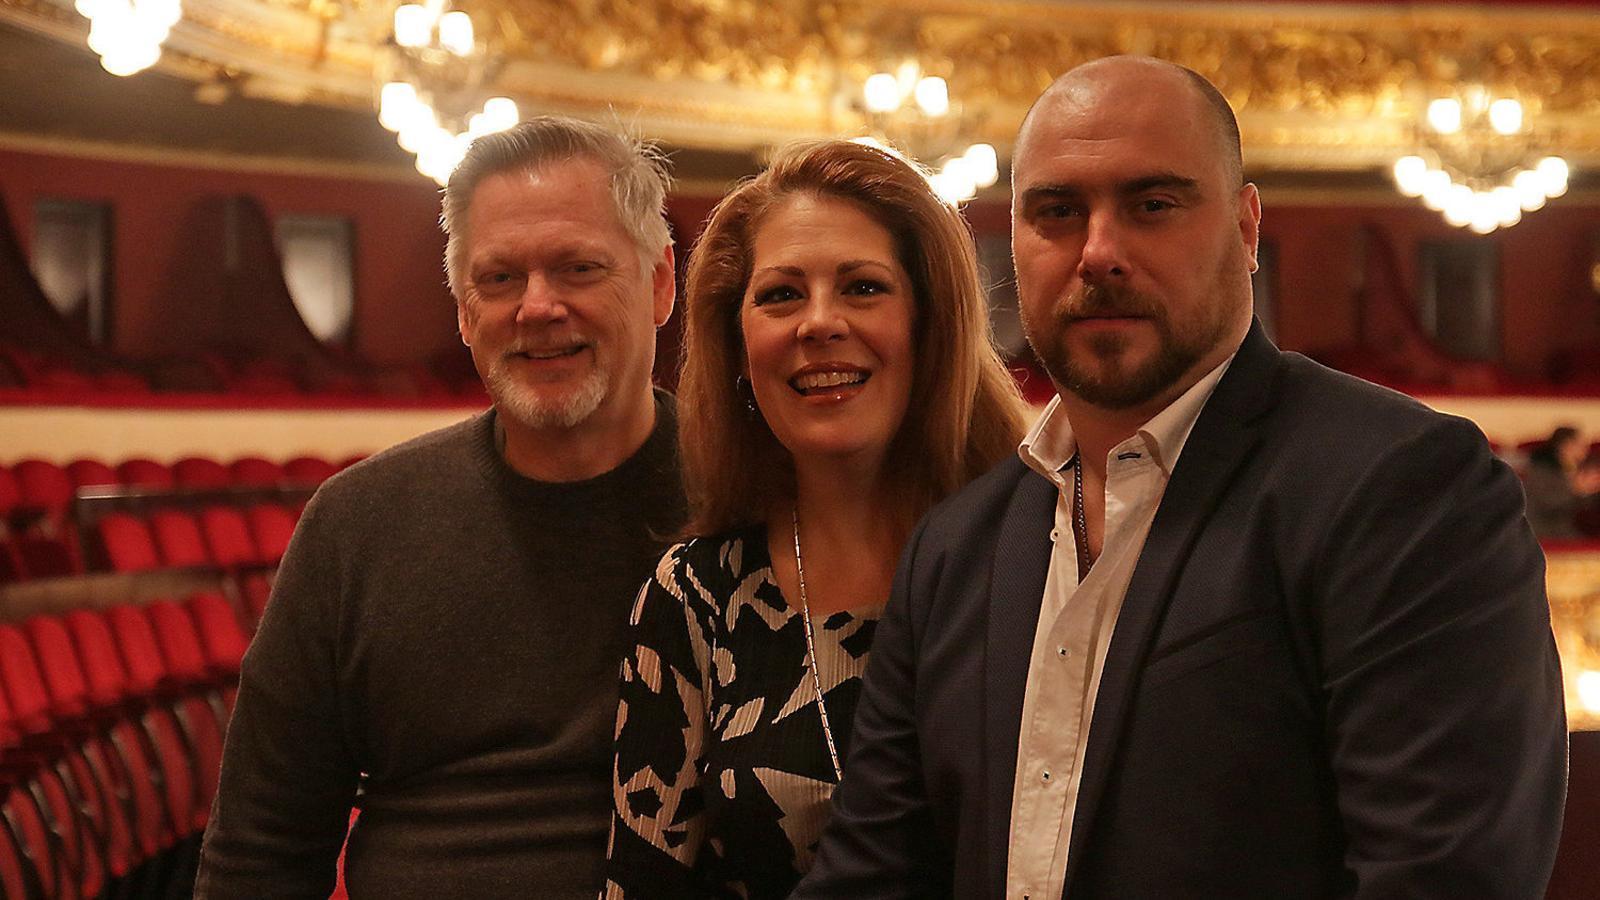 D'esquerra a dreta: Gregory Kunde, Sondra Radvanovsky  i Gabriele Vivani. / LICEU